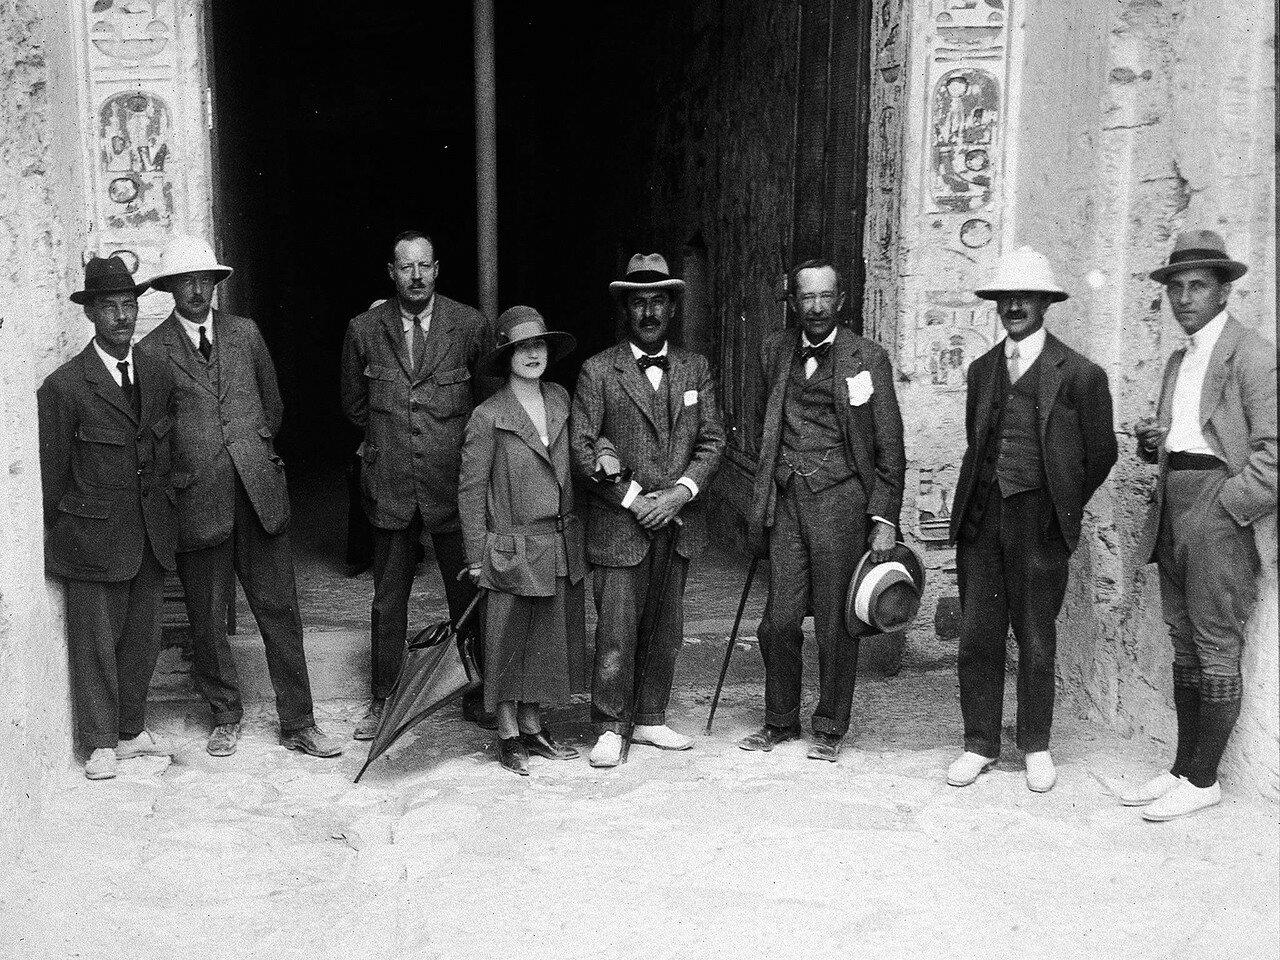 Члены экспедиции возле входа в гробницу. 1922